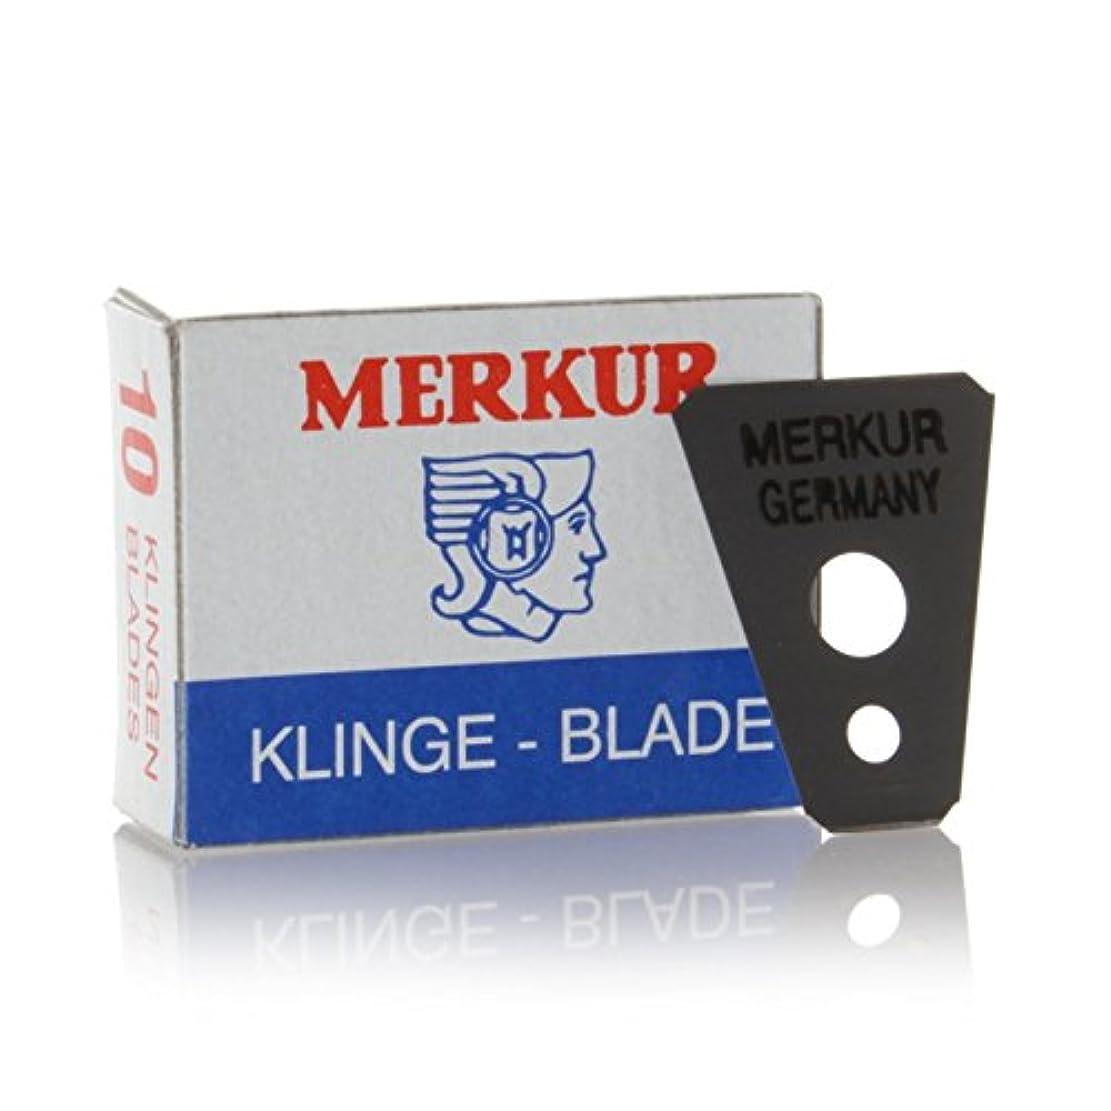 テクスチャー誇張する溶接MERKUR Solingen - Razor blades for moustache shaver, 10 pieces, 90908100